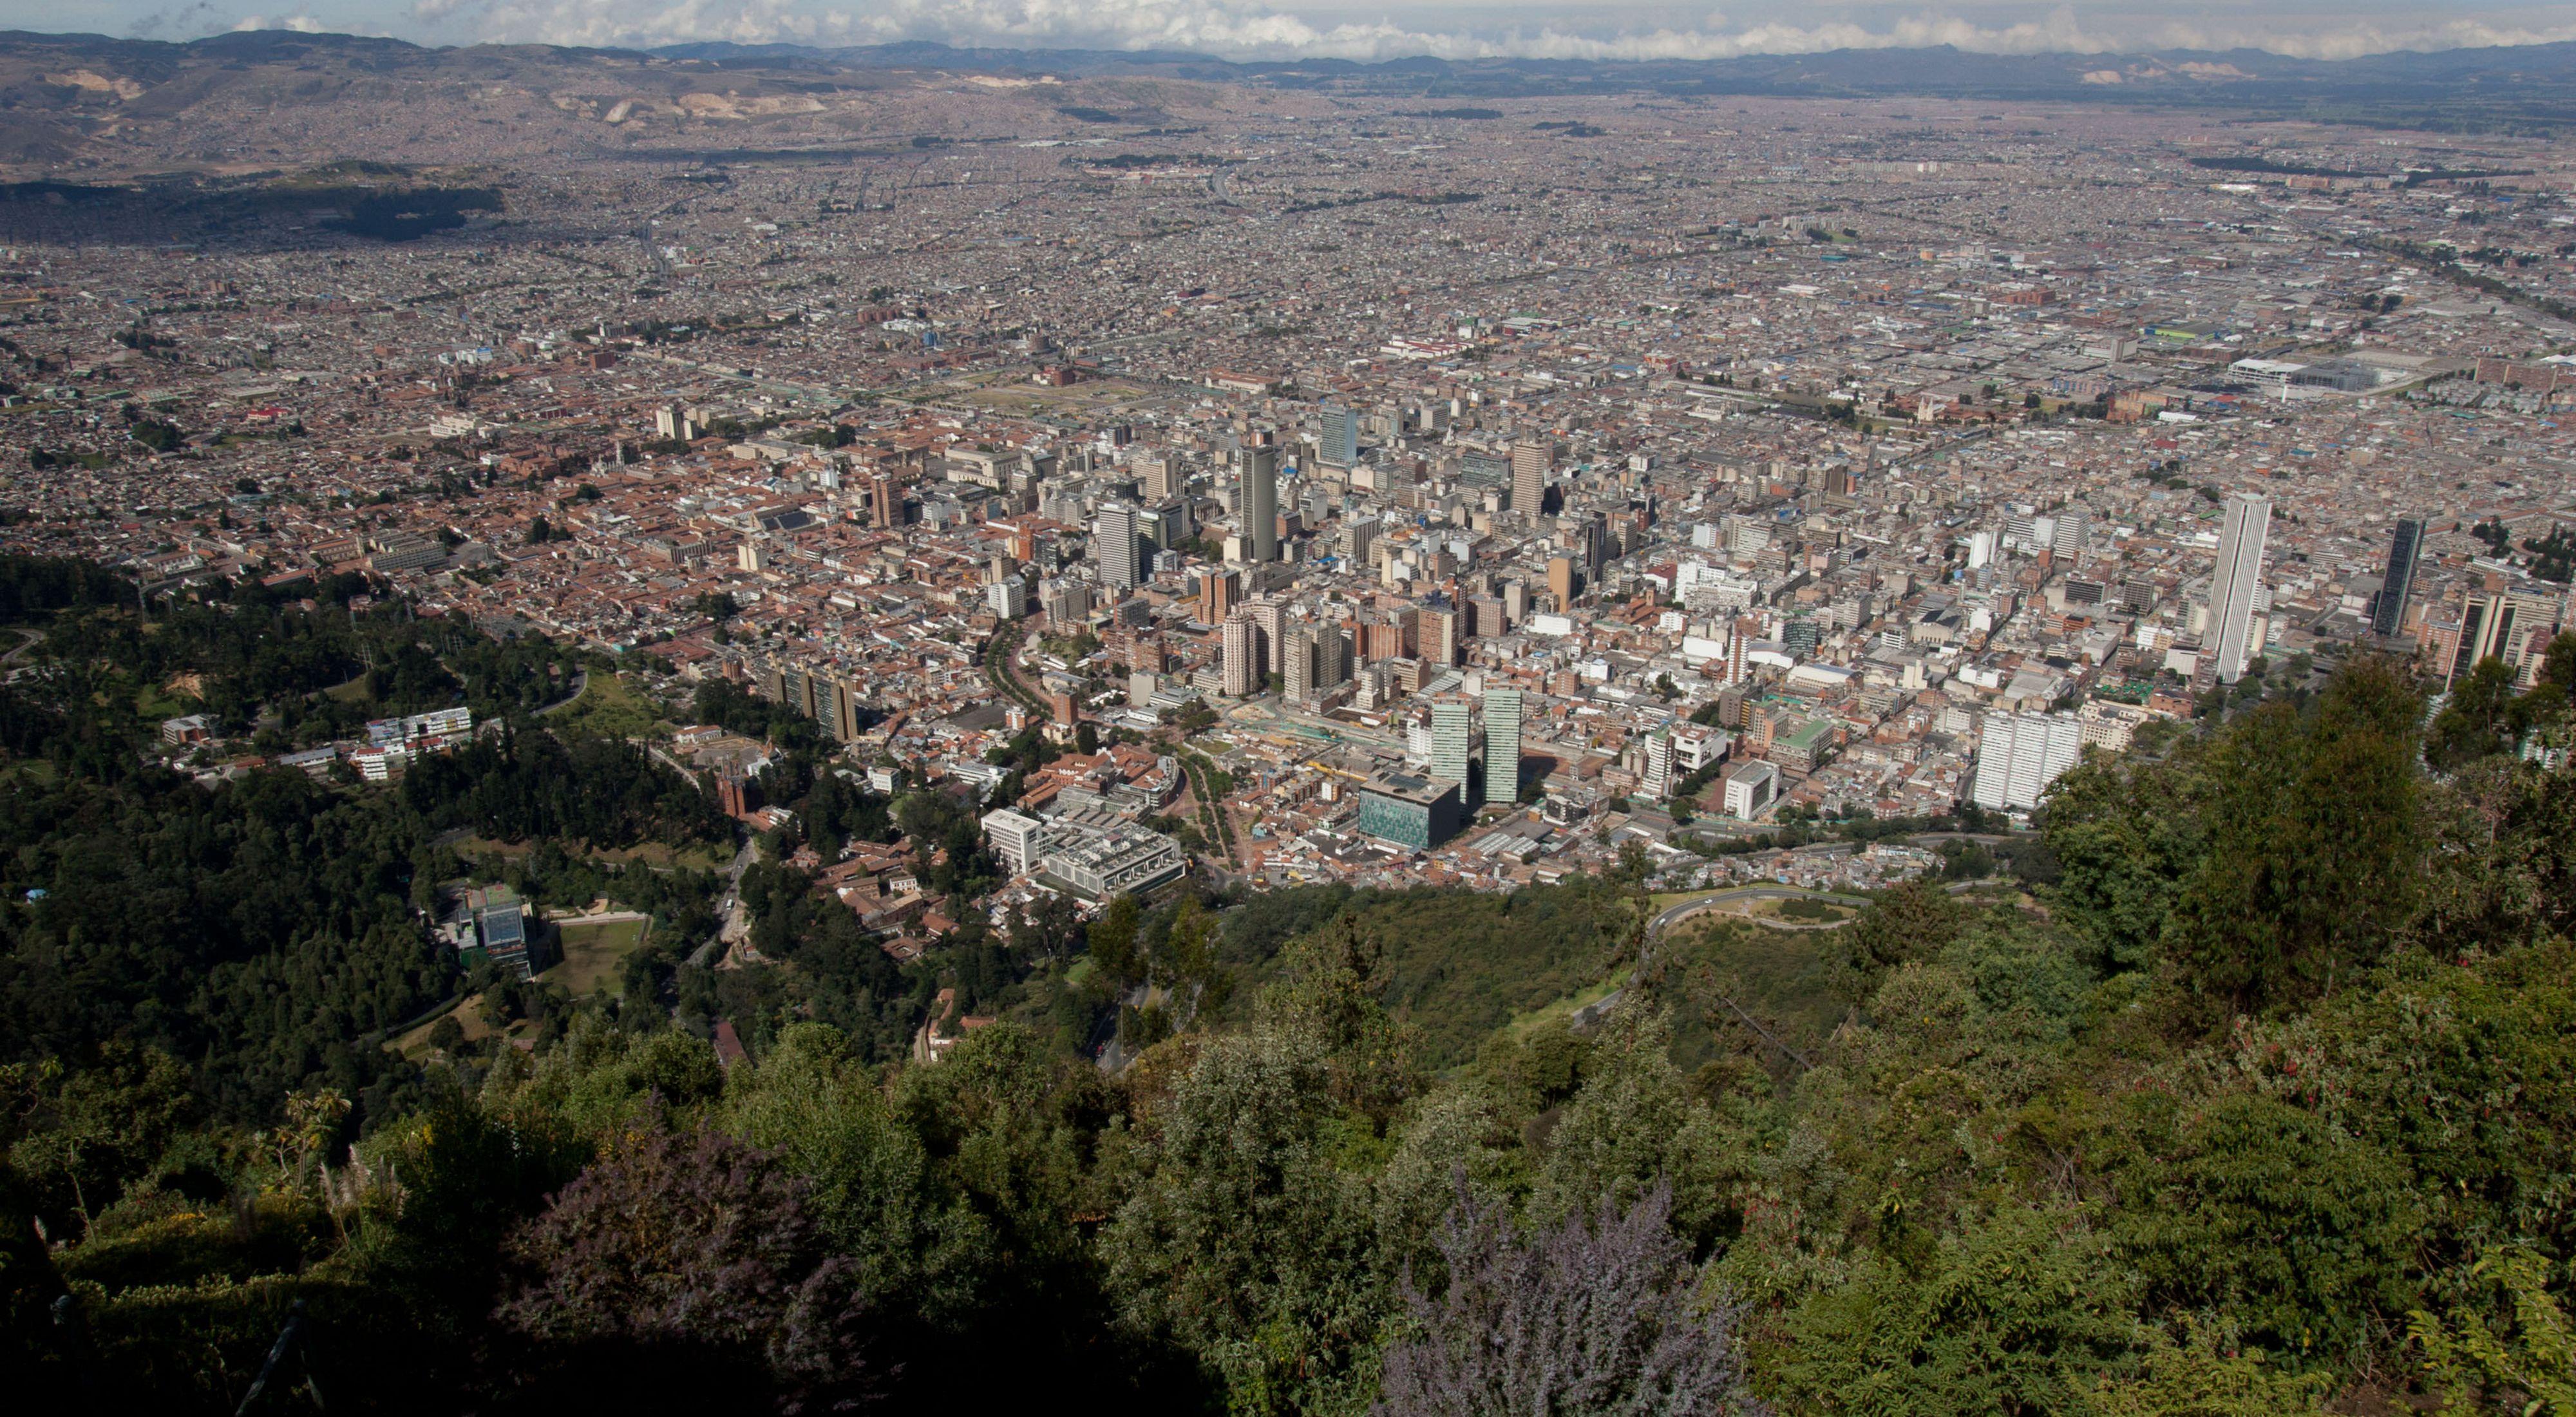 Vista de bogotá, colômbia